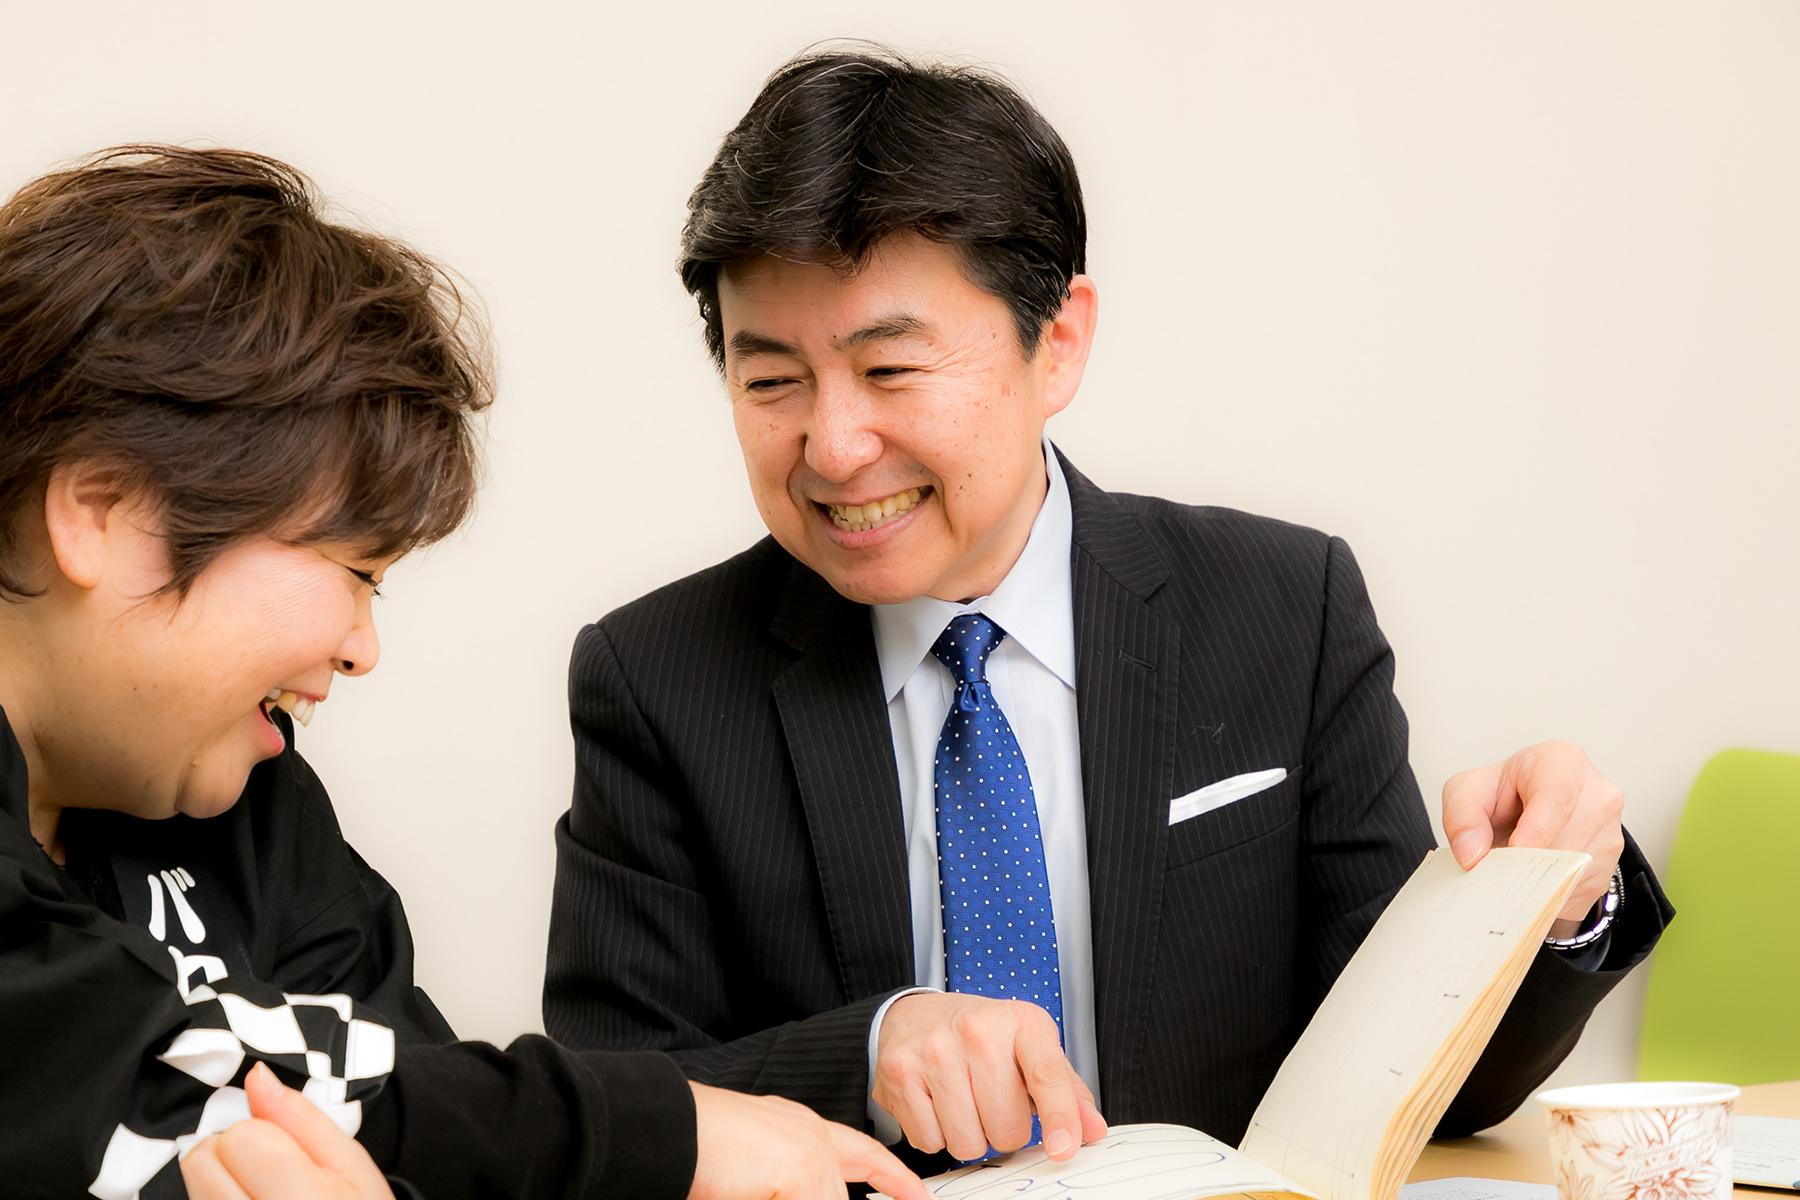 「僕がアナウンサーになった理由」、笠井信輔アナウンサーが語る愛溢れる映画の話。